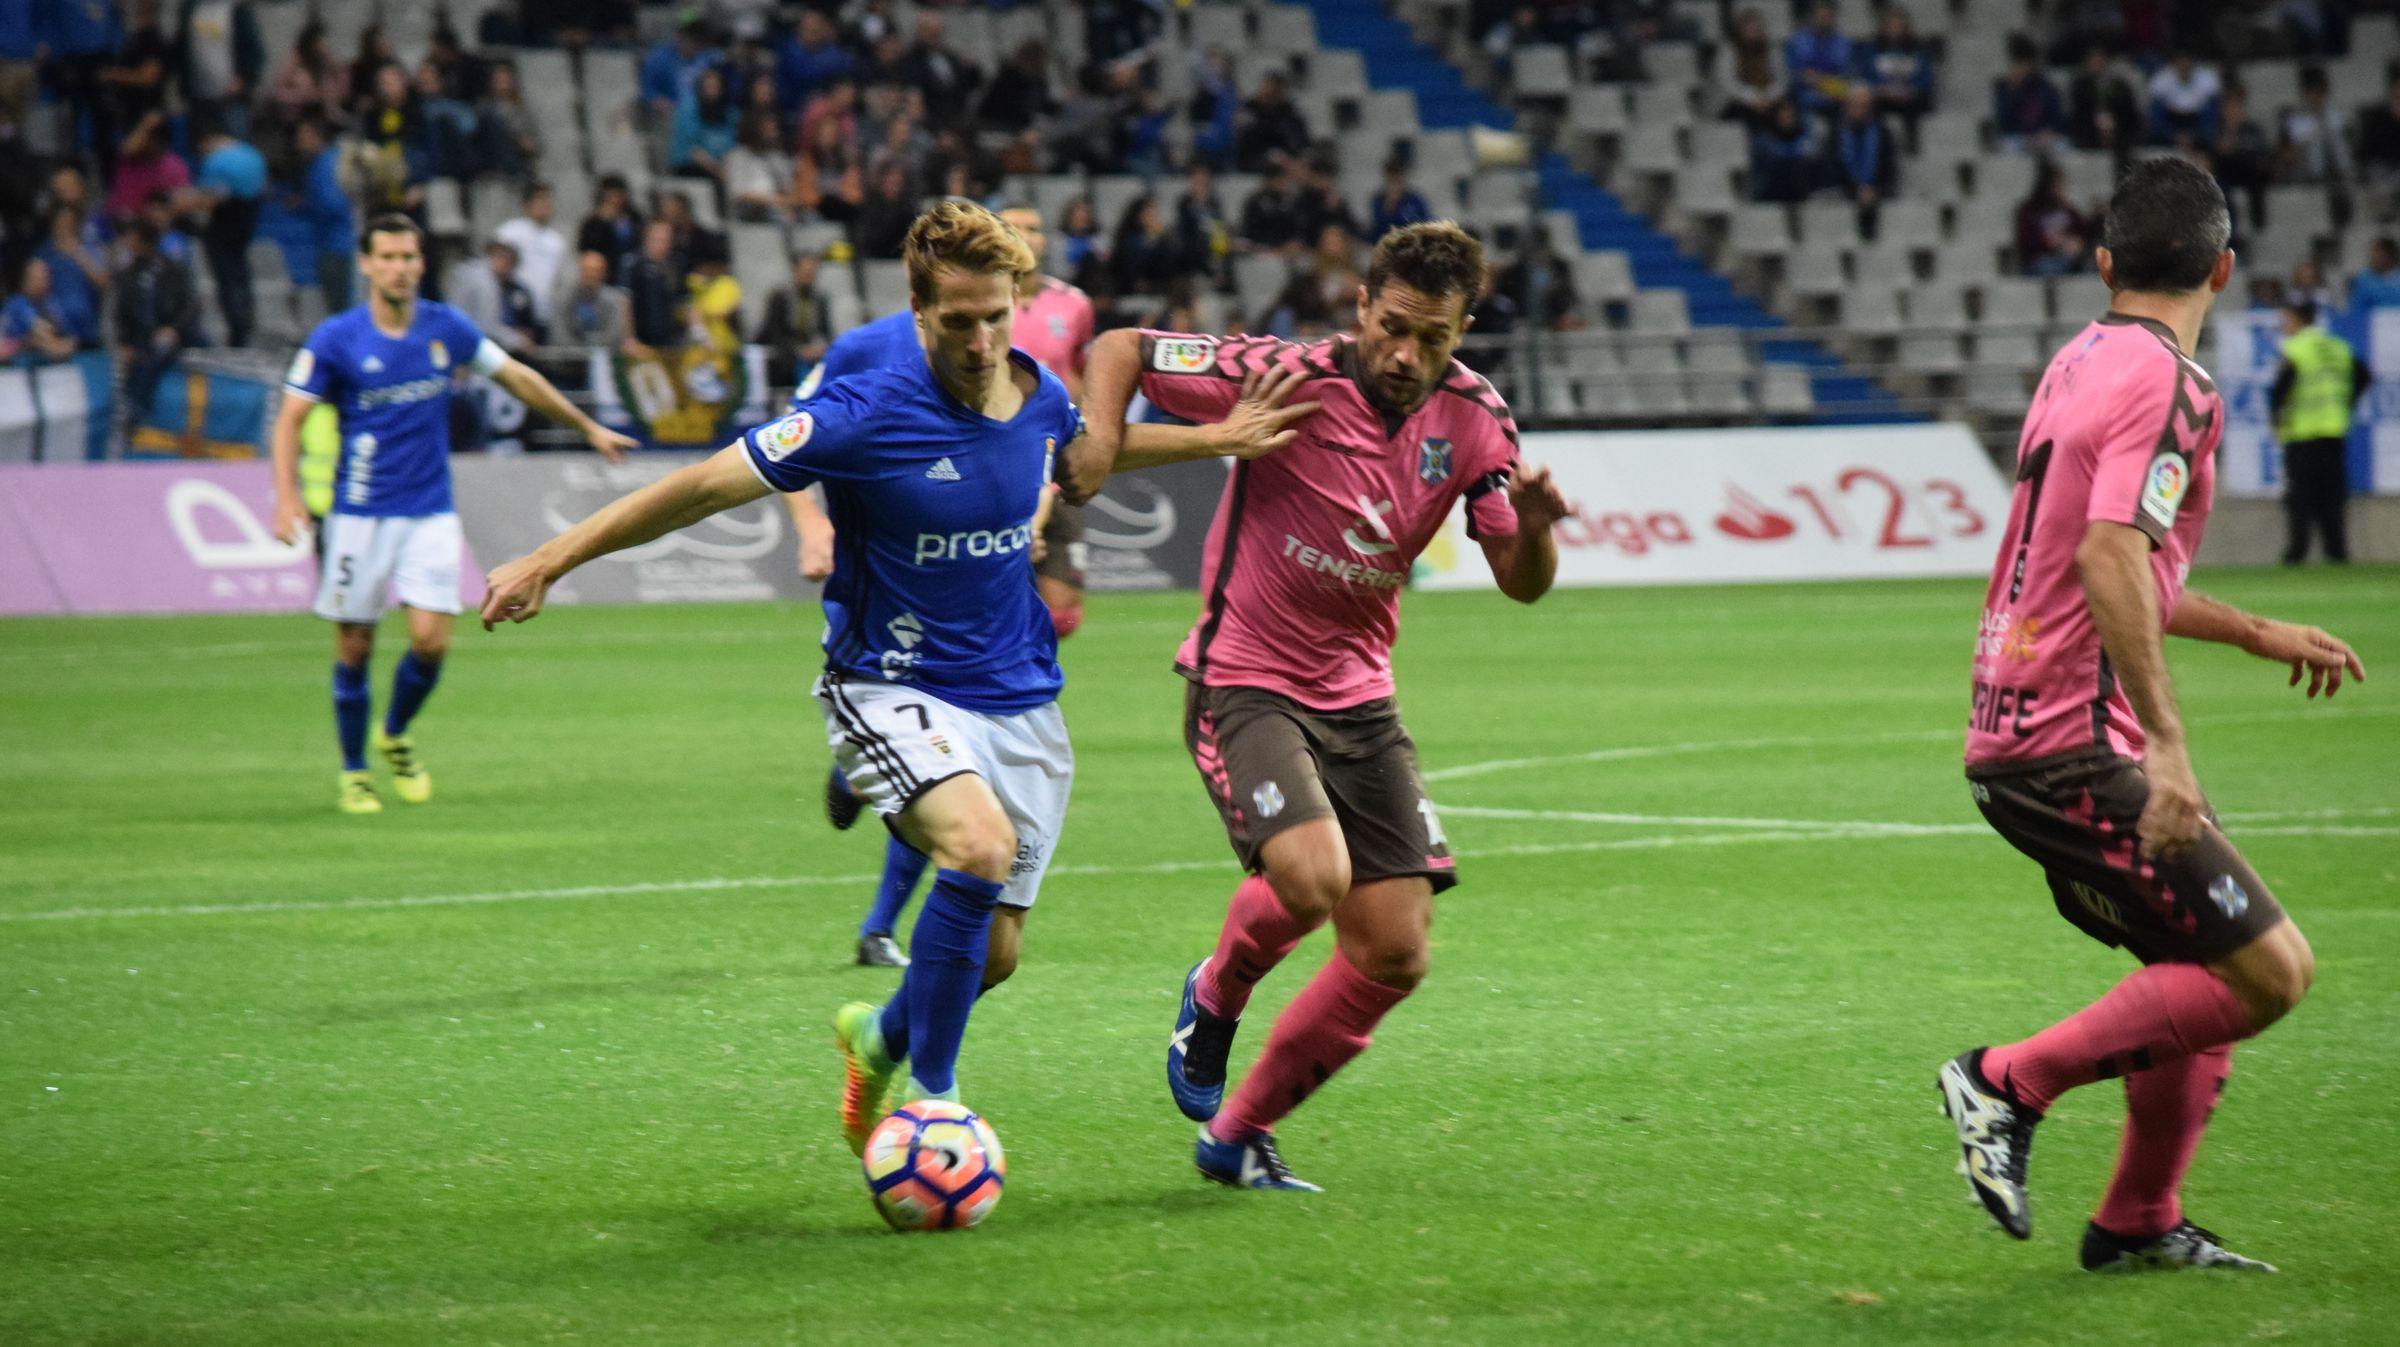 Susaeta y Aitor Sanz luchando por un balón en un Oviedo-Tenerife de la 16/17